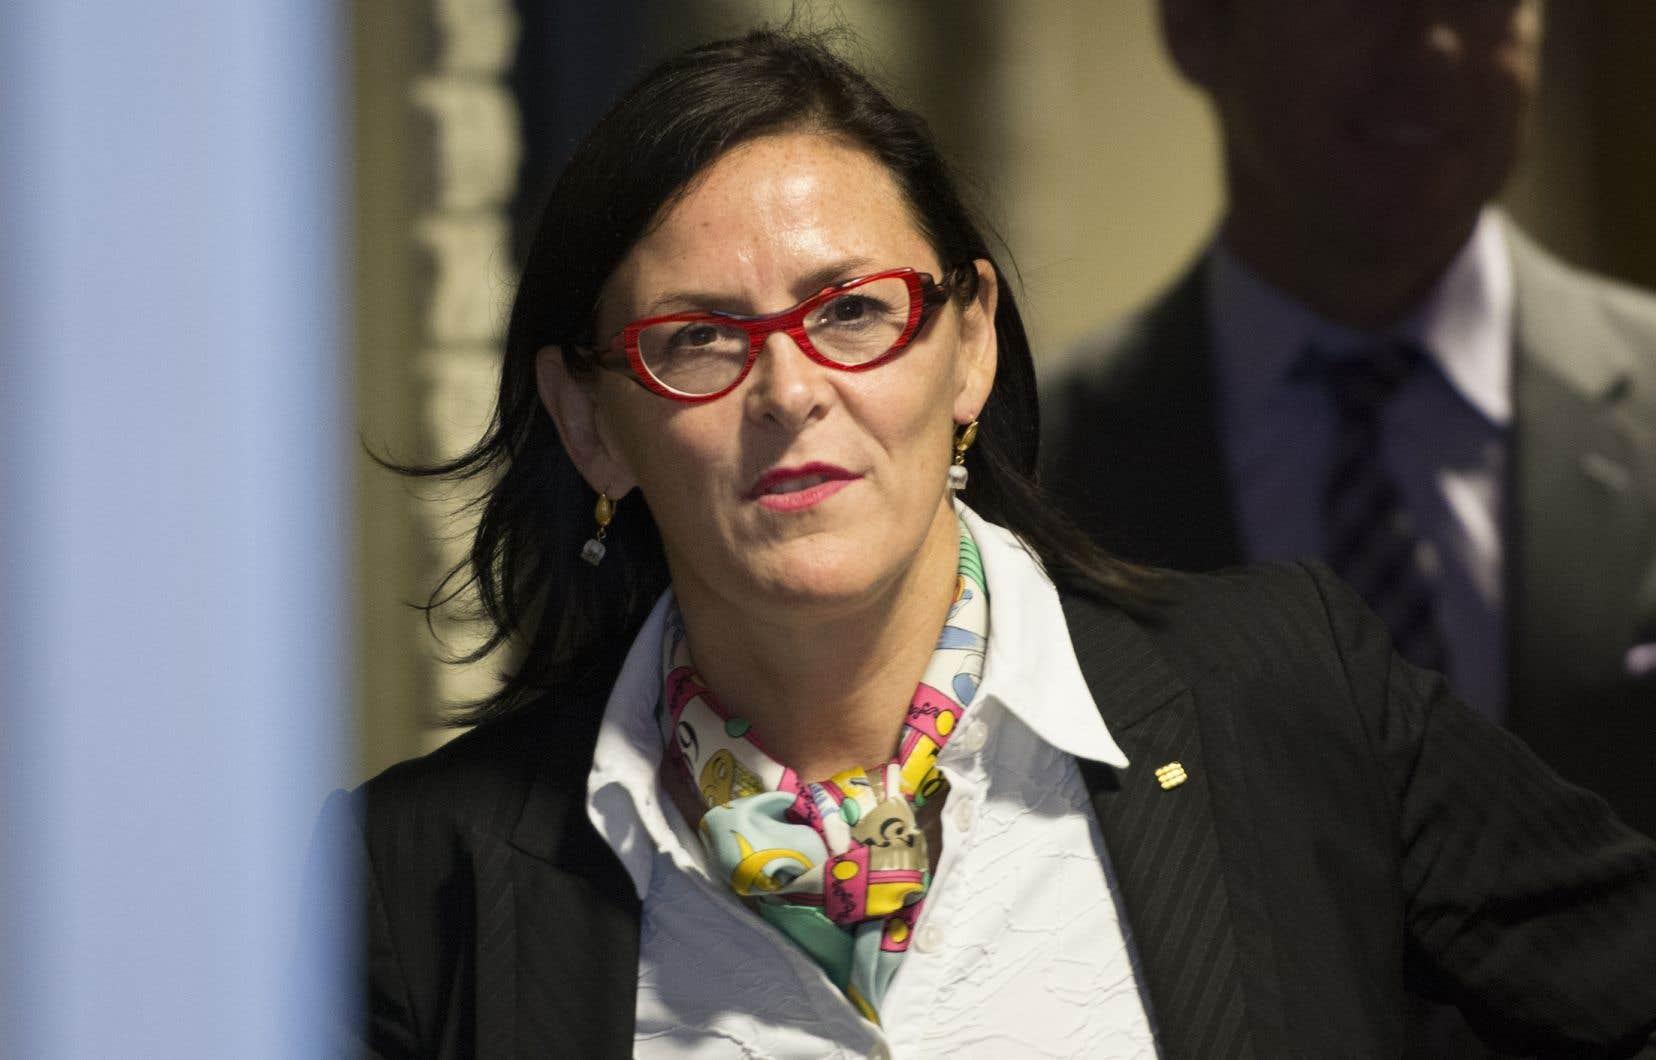 La présidente de la Fédération des médecins spécialistes du Québec, Diane Francoeur, croit que la province n'est pas à l'abri des discours haineux qui poussent certains médecins québécois pratiquant des avortements à cesser de le faire.